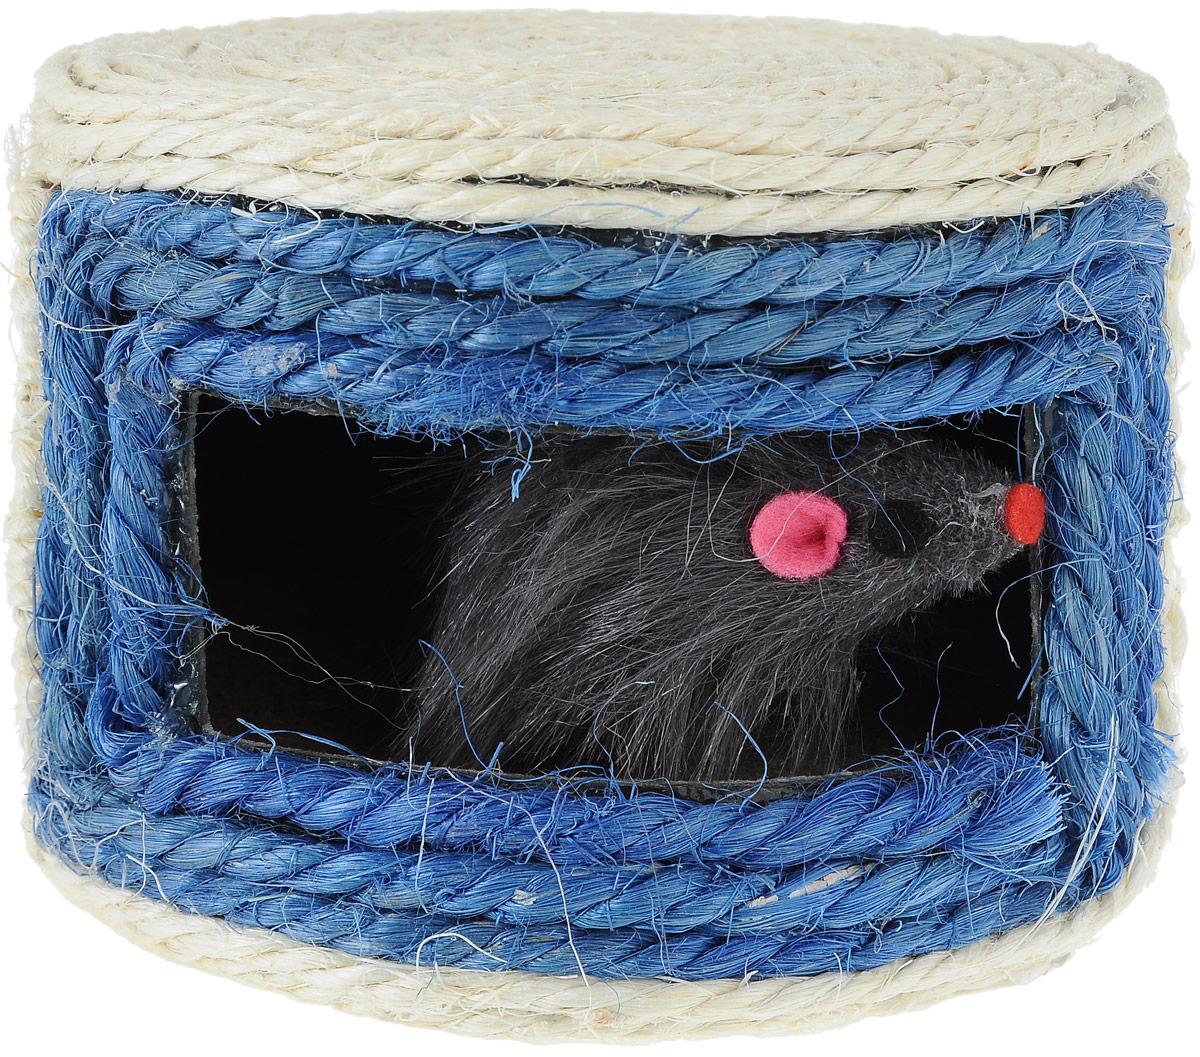 Игрушка для кошек Triol Норка с мышками, цвет: белый, синий, 14 х 14 х 10 смКк-03800Норка с мышками - это забавная когтеточка, разработанная компанией Triol. Данные когтеточки пользуются особенным вниманием у кошек, ведь о них можно не только поточить коготки, но и весело поиграть. Когтеточка изготовлена из сизаля. Когтеточки - обязательный аксессуар для личной гигиены кошек, который помогает животным избавиться от мешающихся шелушащихся слоев когтя, причиняющих дискомфорт подушечкам лап. Кроме того волокна сизаля - натуральный растительный продукт, который не только являться очень крепким и стойким к повреждениям, но так же имеет отталкивающее бактерии покрытие, благодаря чему абсолютно безвреден для кошек. Размеры игрушки: 14 х 14 х 10 см.